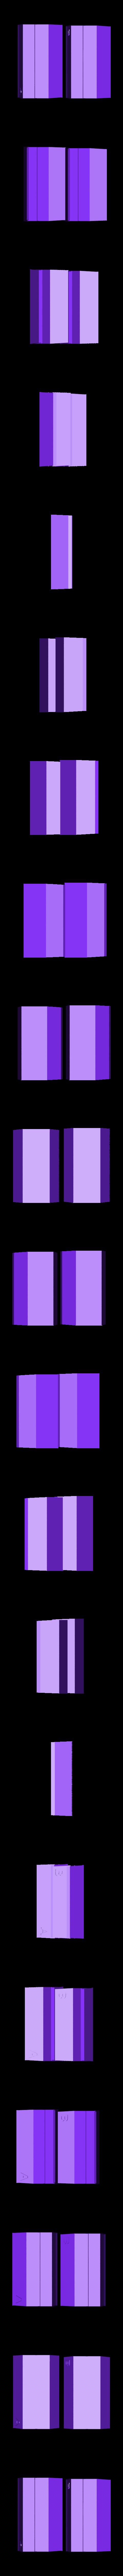 LBLUC-segment_light_guides.stl Télécharger fichier STL gratuit Led lampe de pont Segment Universel • Objet imprimable en 3D, Opossums